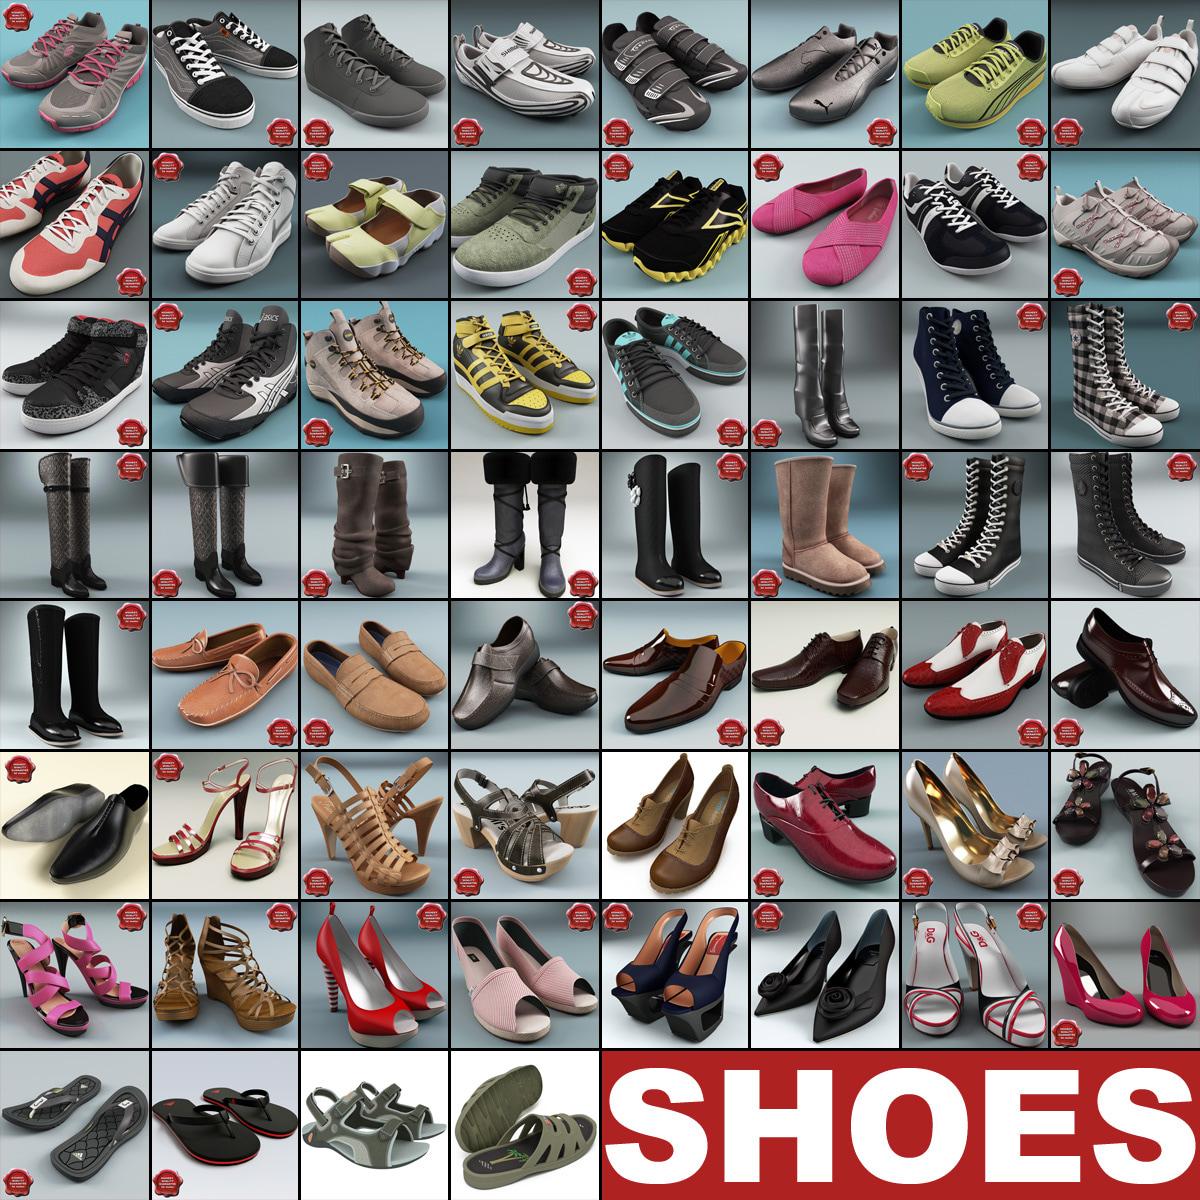 Shoes_Big_Collection_V3_000.jpg